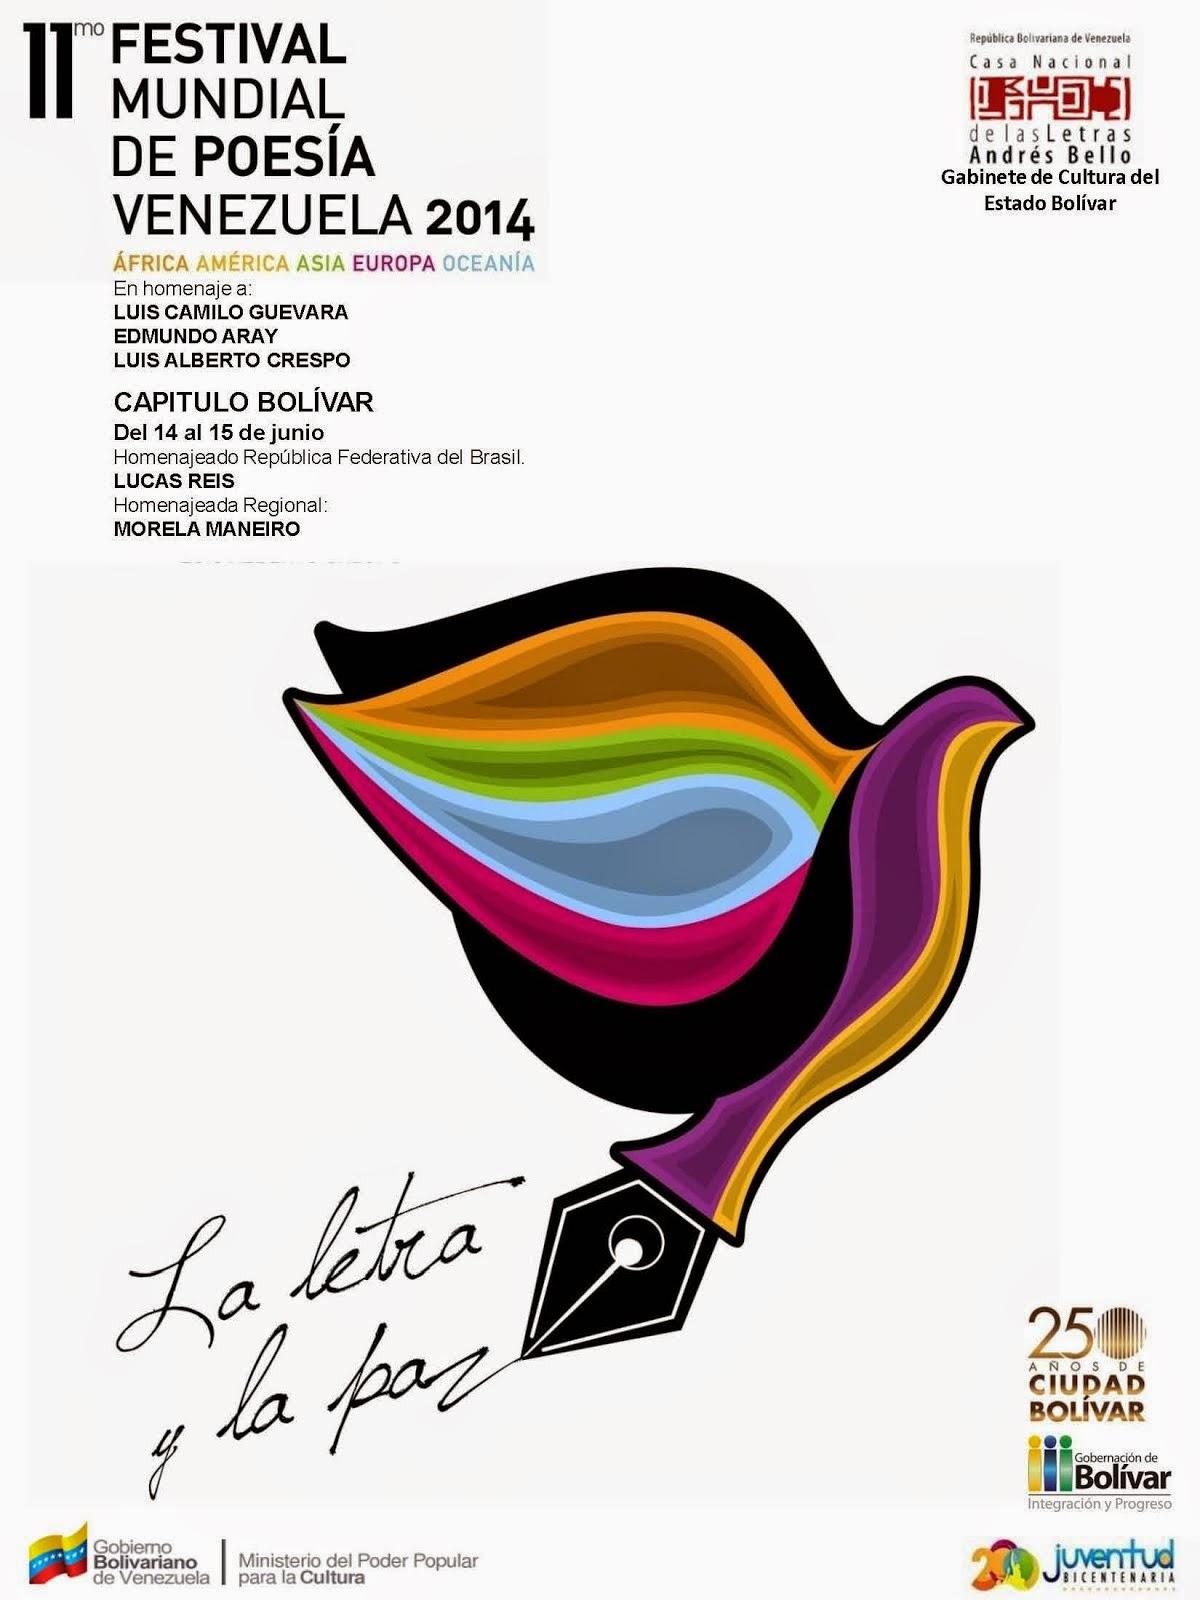 11mo Festival Mundial de Poesía